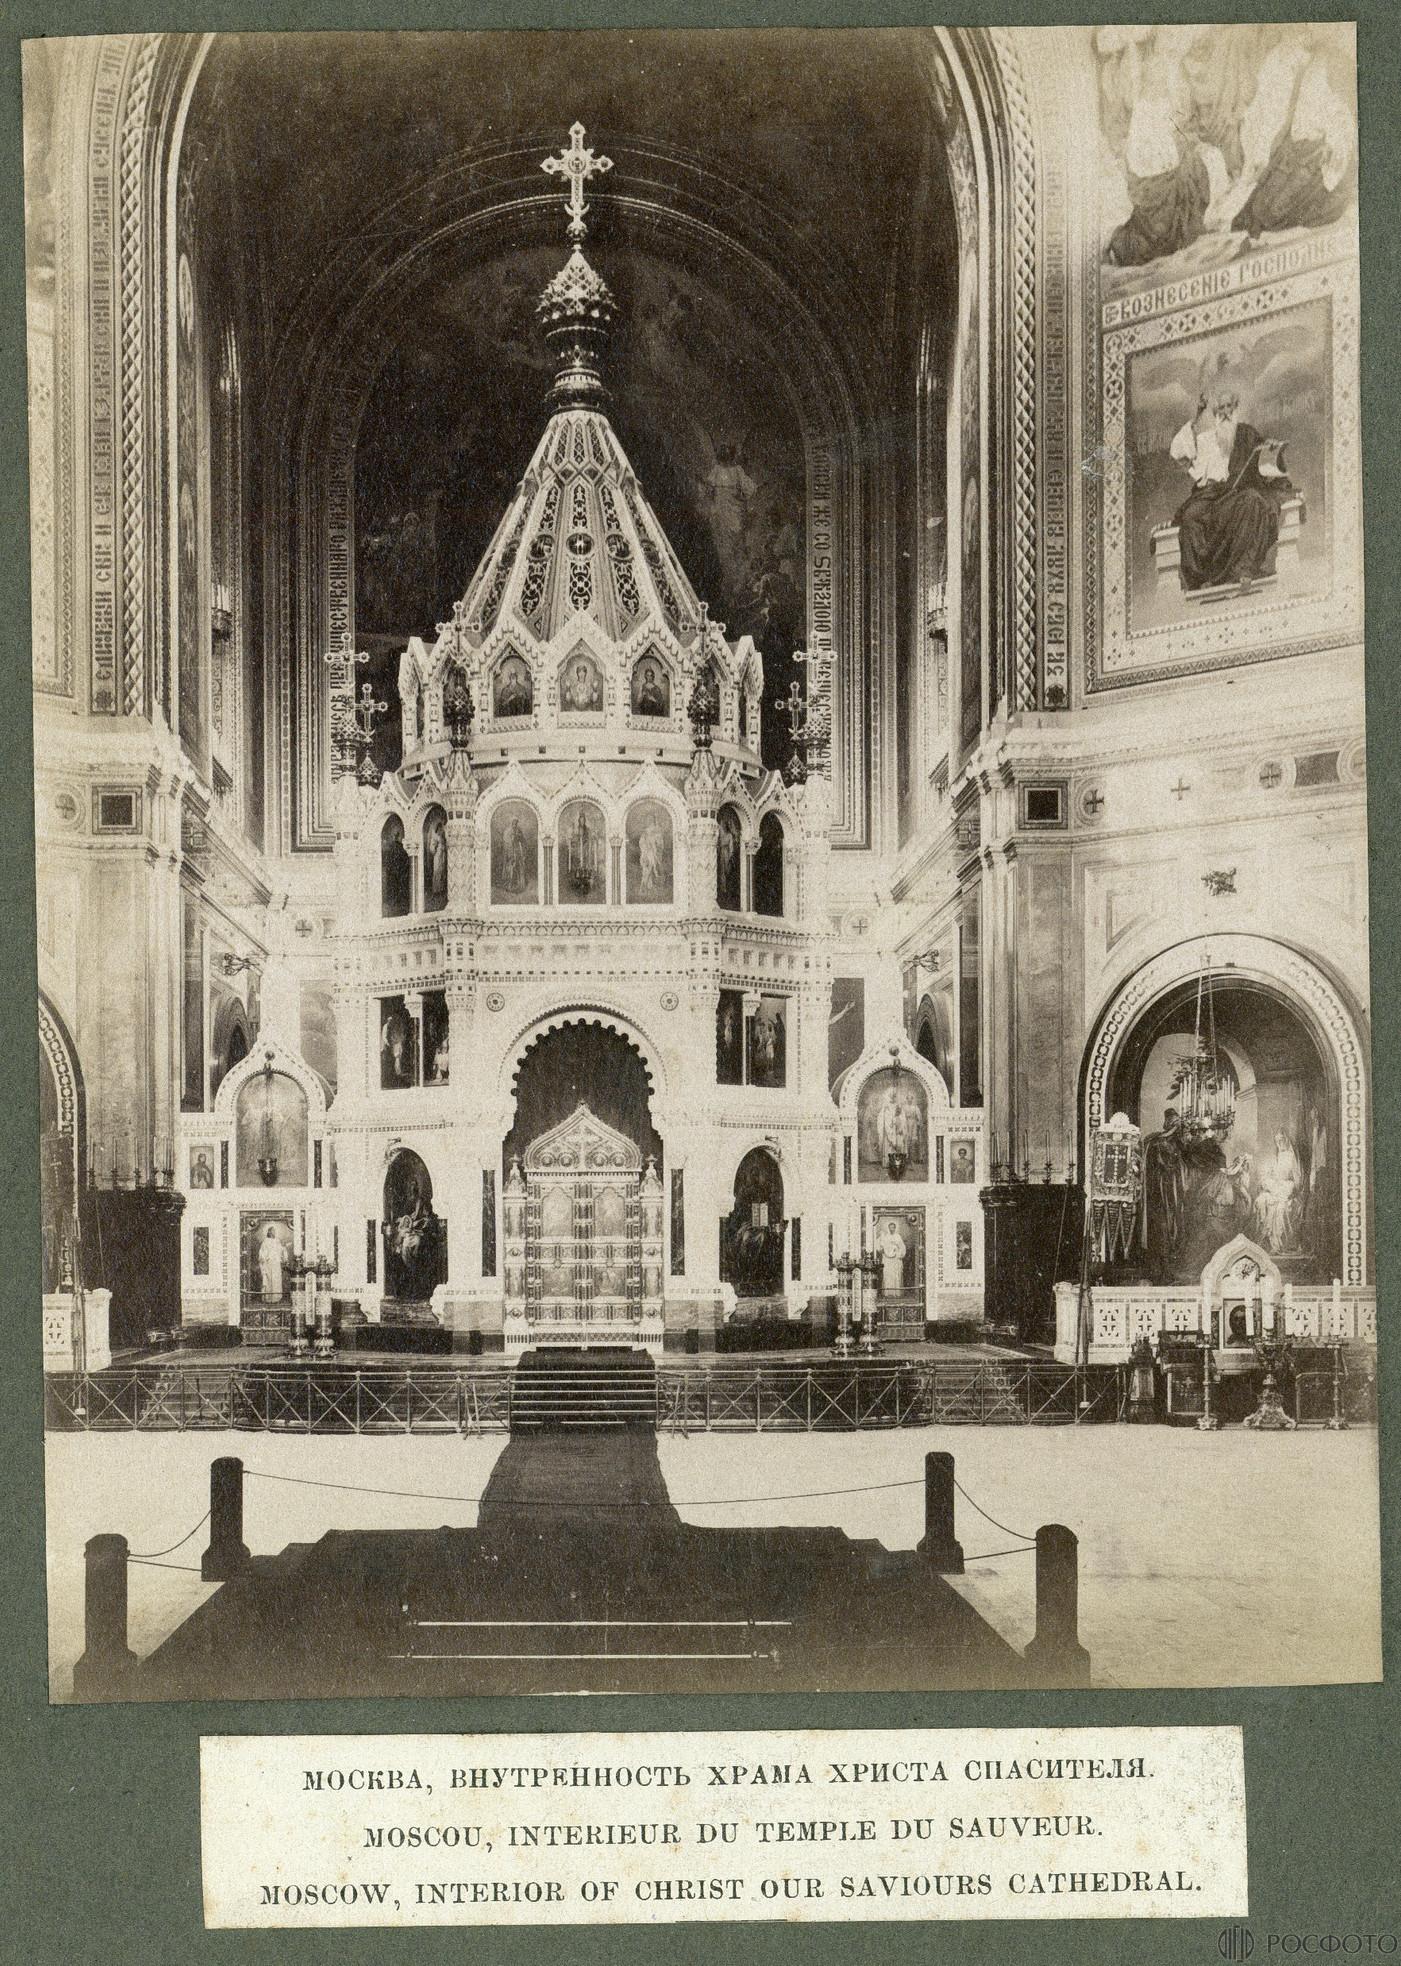 Москва. Внутренний вид храма Христа Спасителя